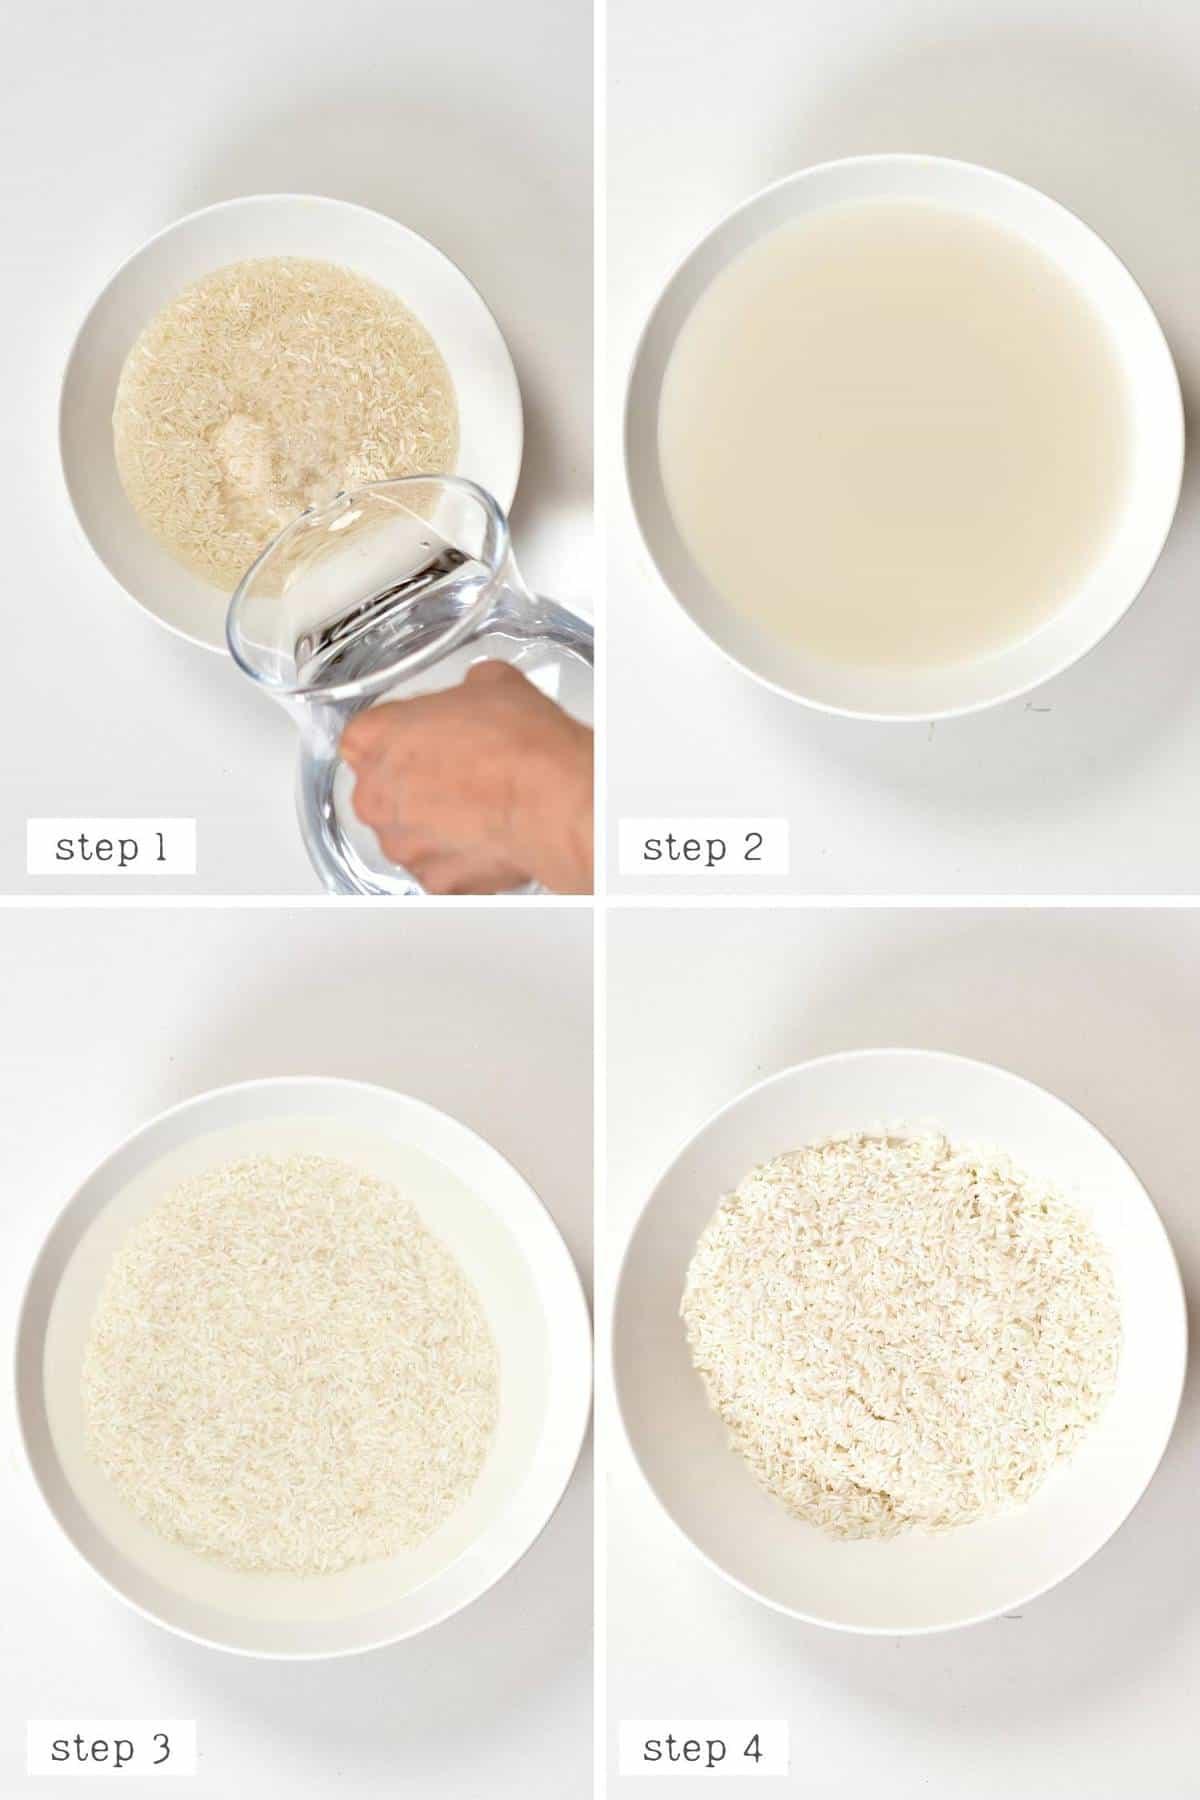 Rinsing long grain rice steps